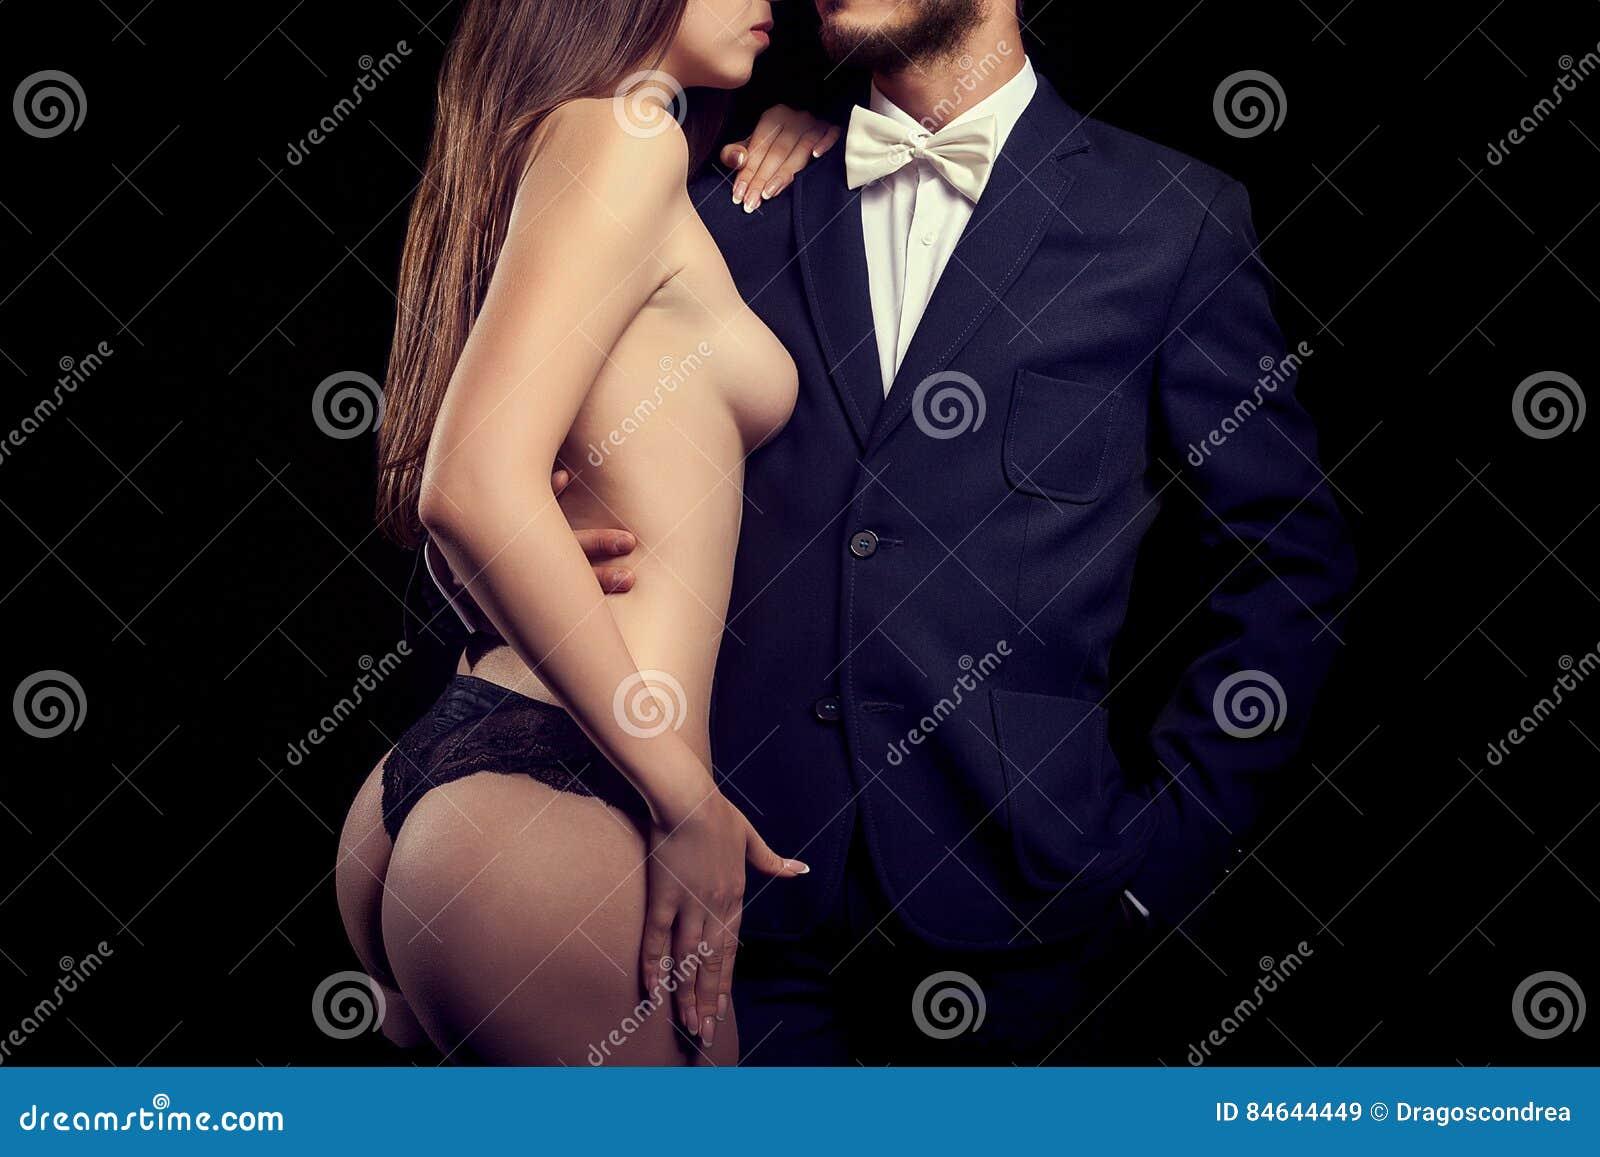 Πώς να κάνει πρωκτικό σεξ με ασφάλεια